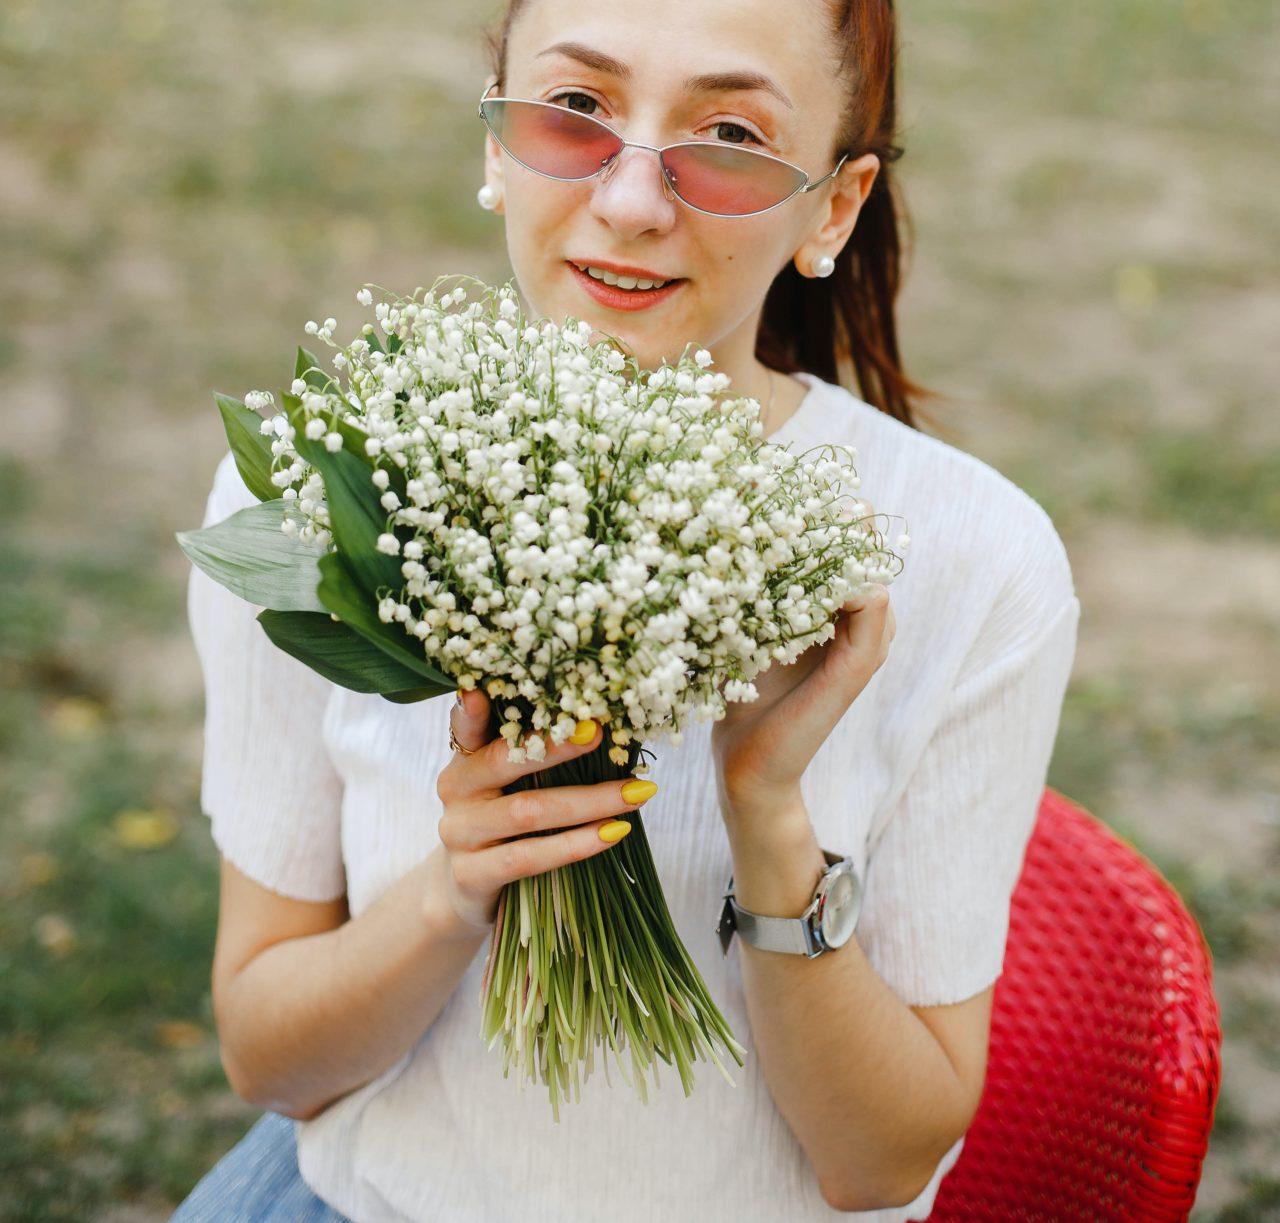 Blog_CNPH_Piverdière_Pourquoi offre-t-on du muguet le 1er mai 2